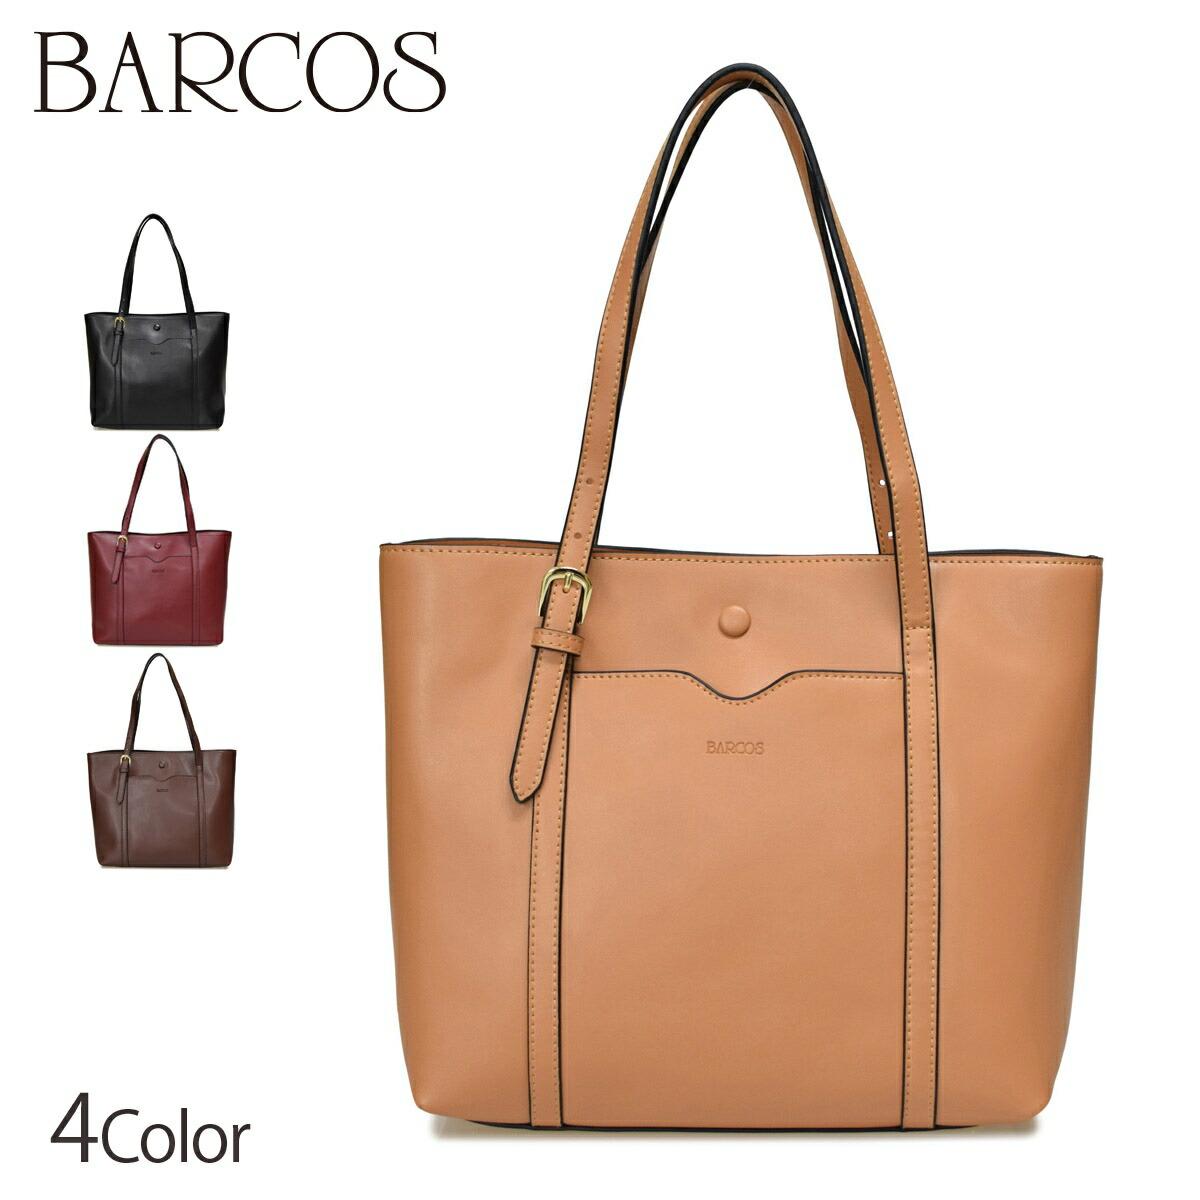 BARCOS 3層ポケット2WAYレザートート